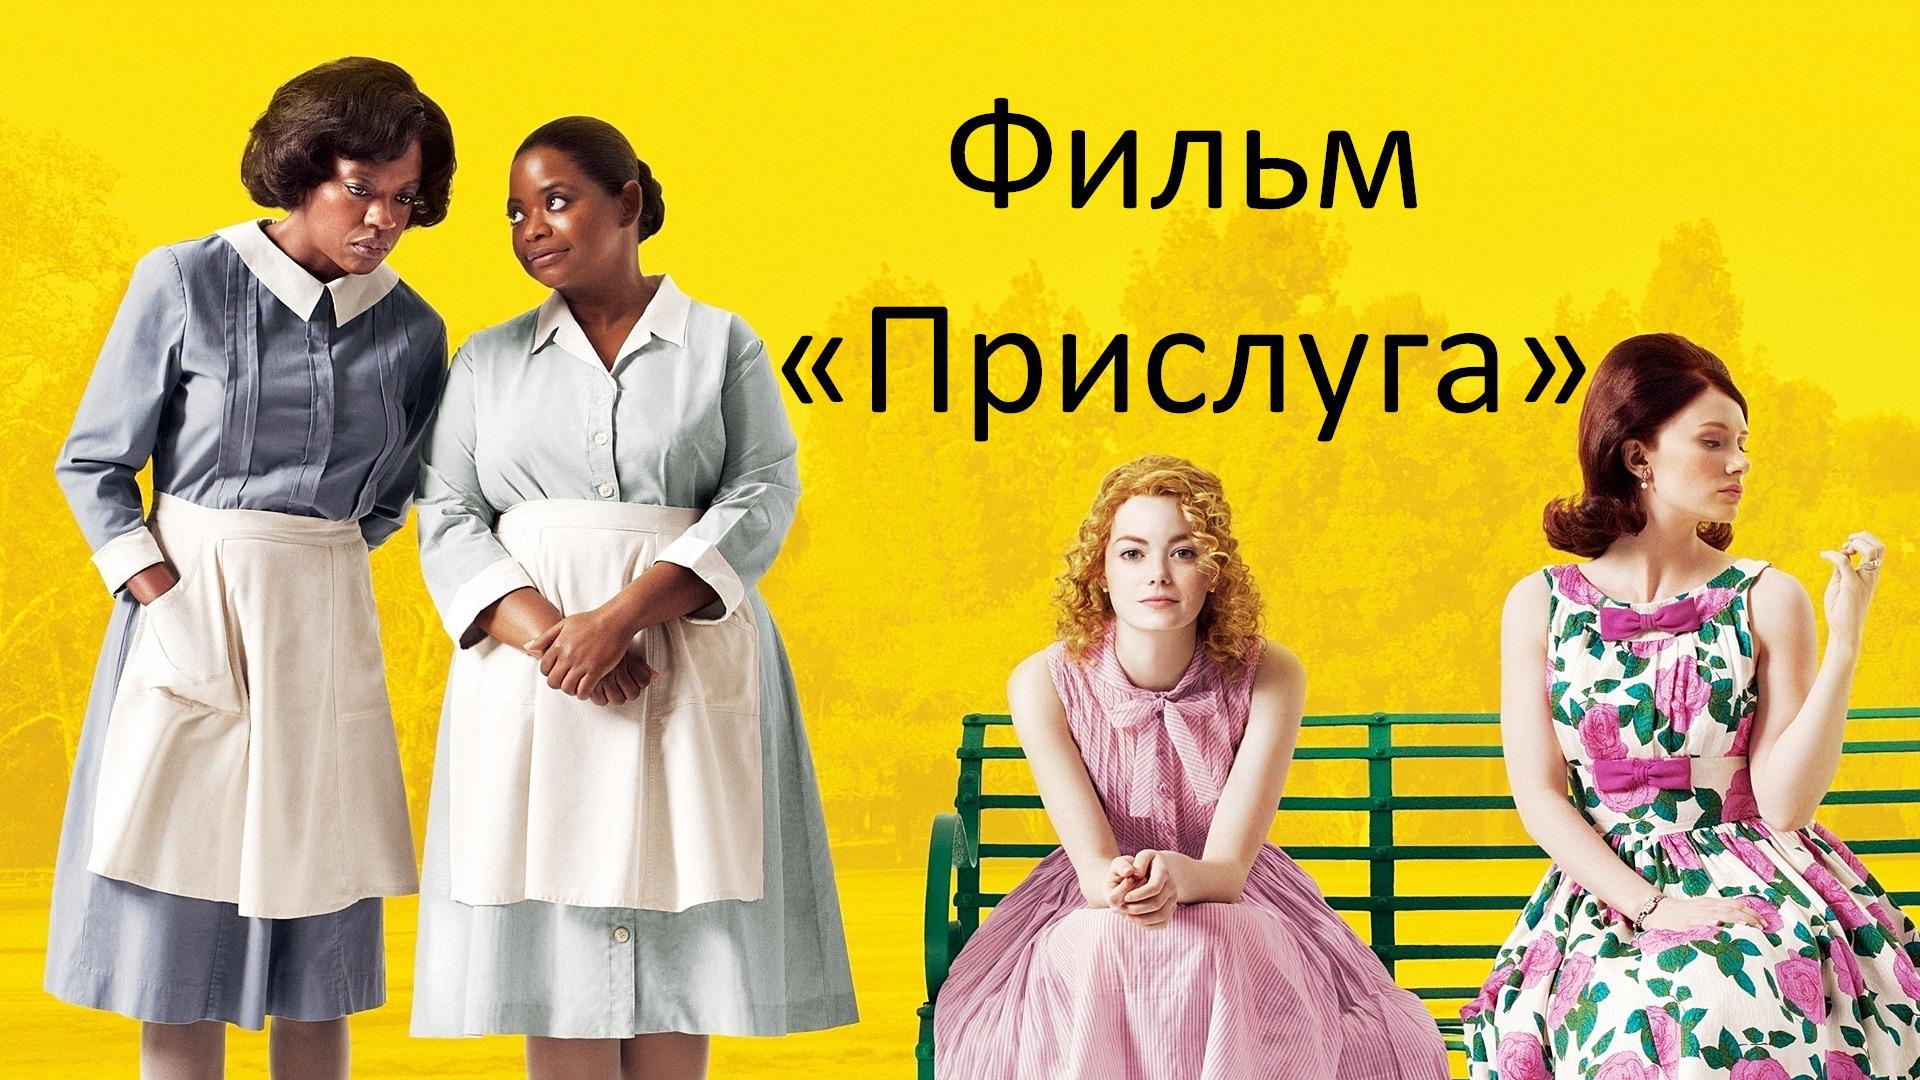 Фильм «Прислуга»